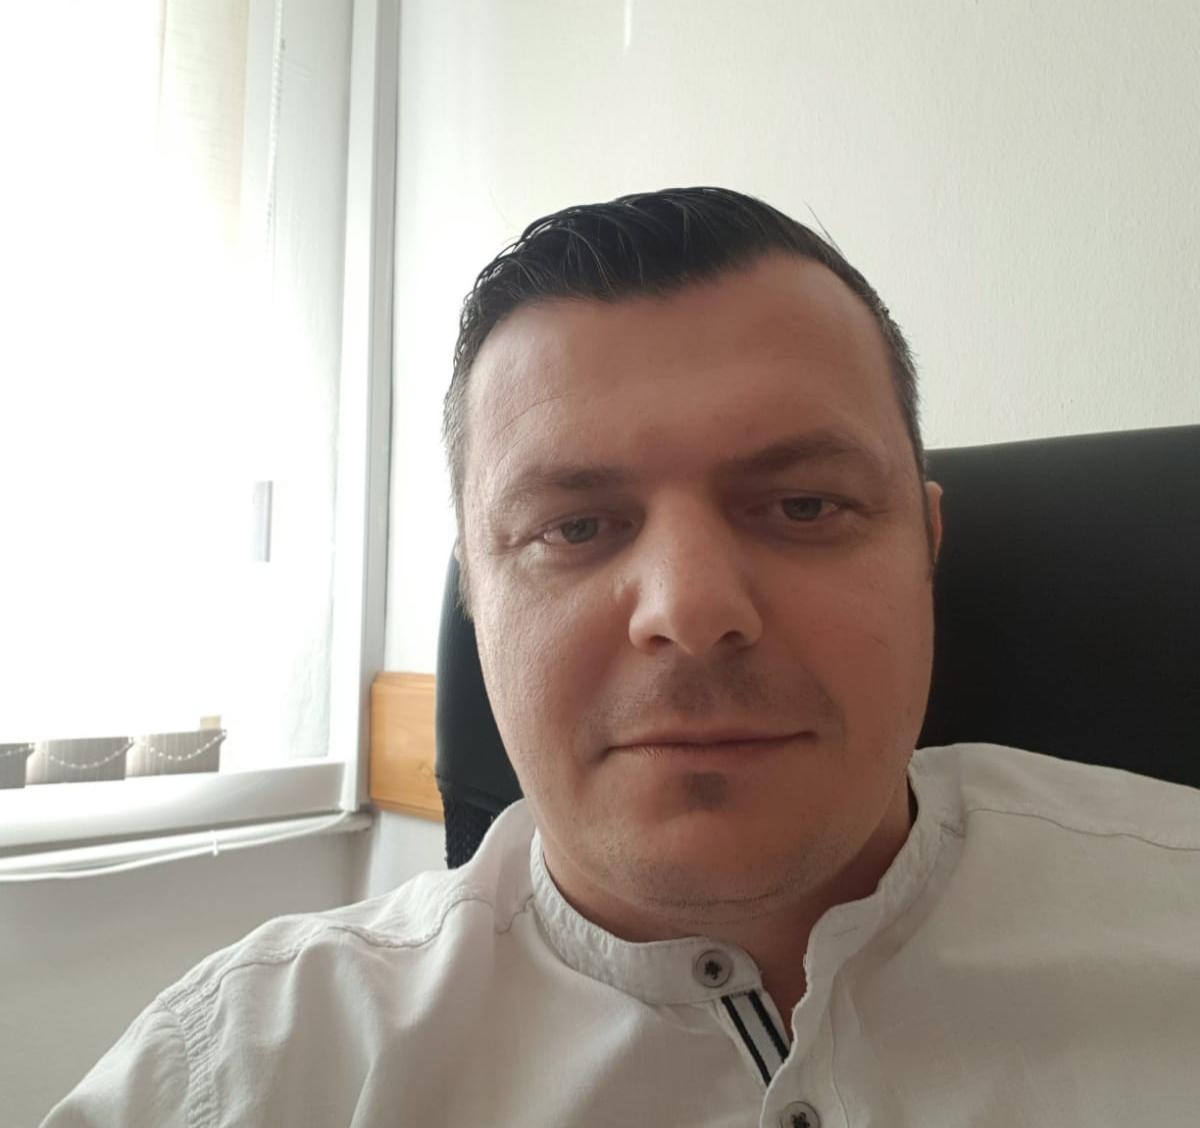 Drlje: Bakirova politika će propasti kao i SDP-ova ako ovako nastavi